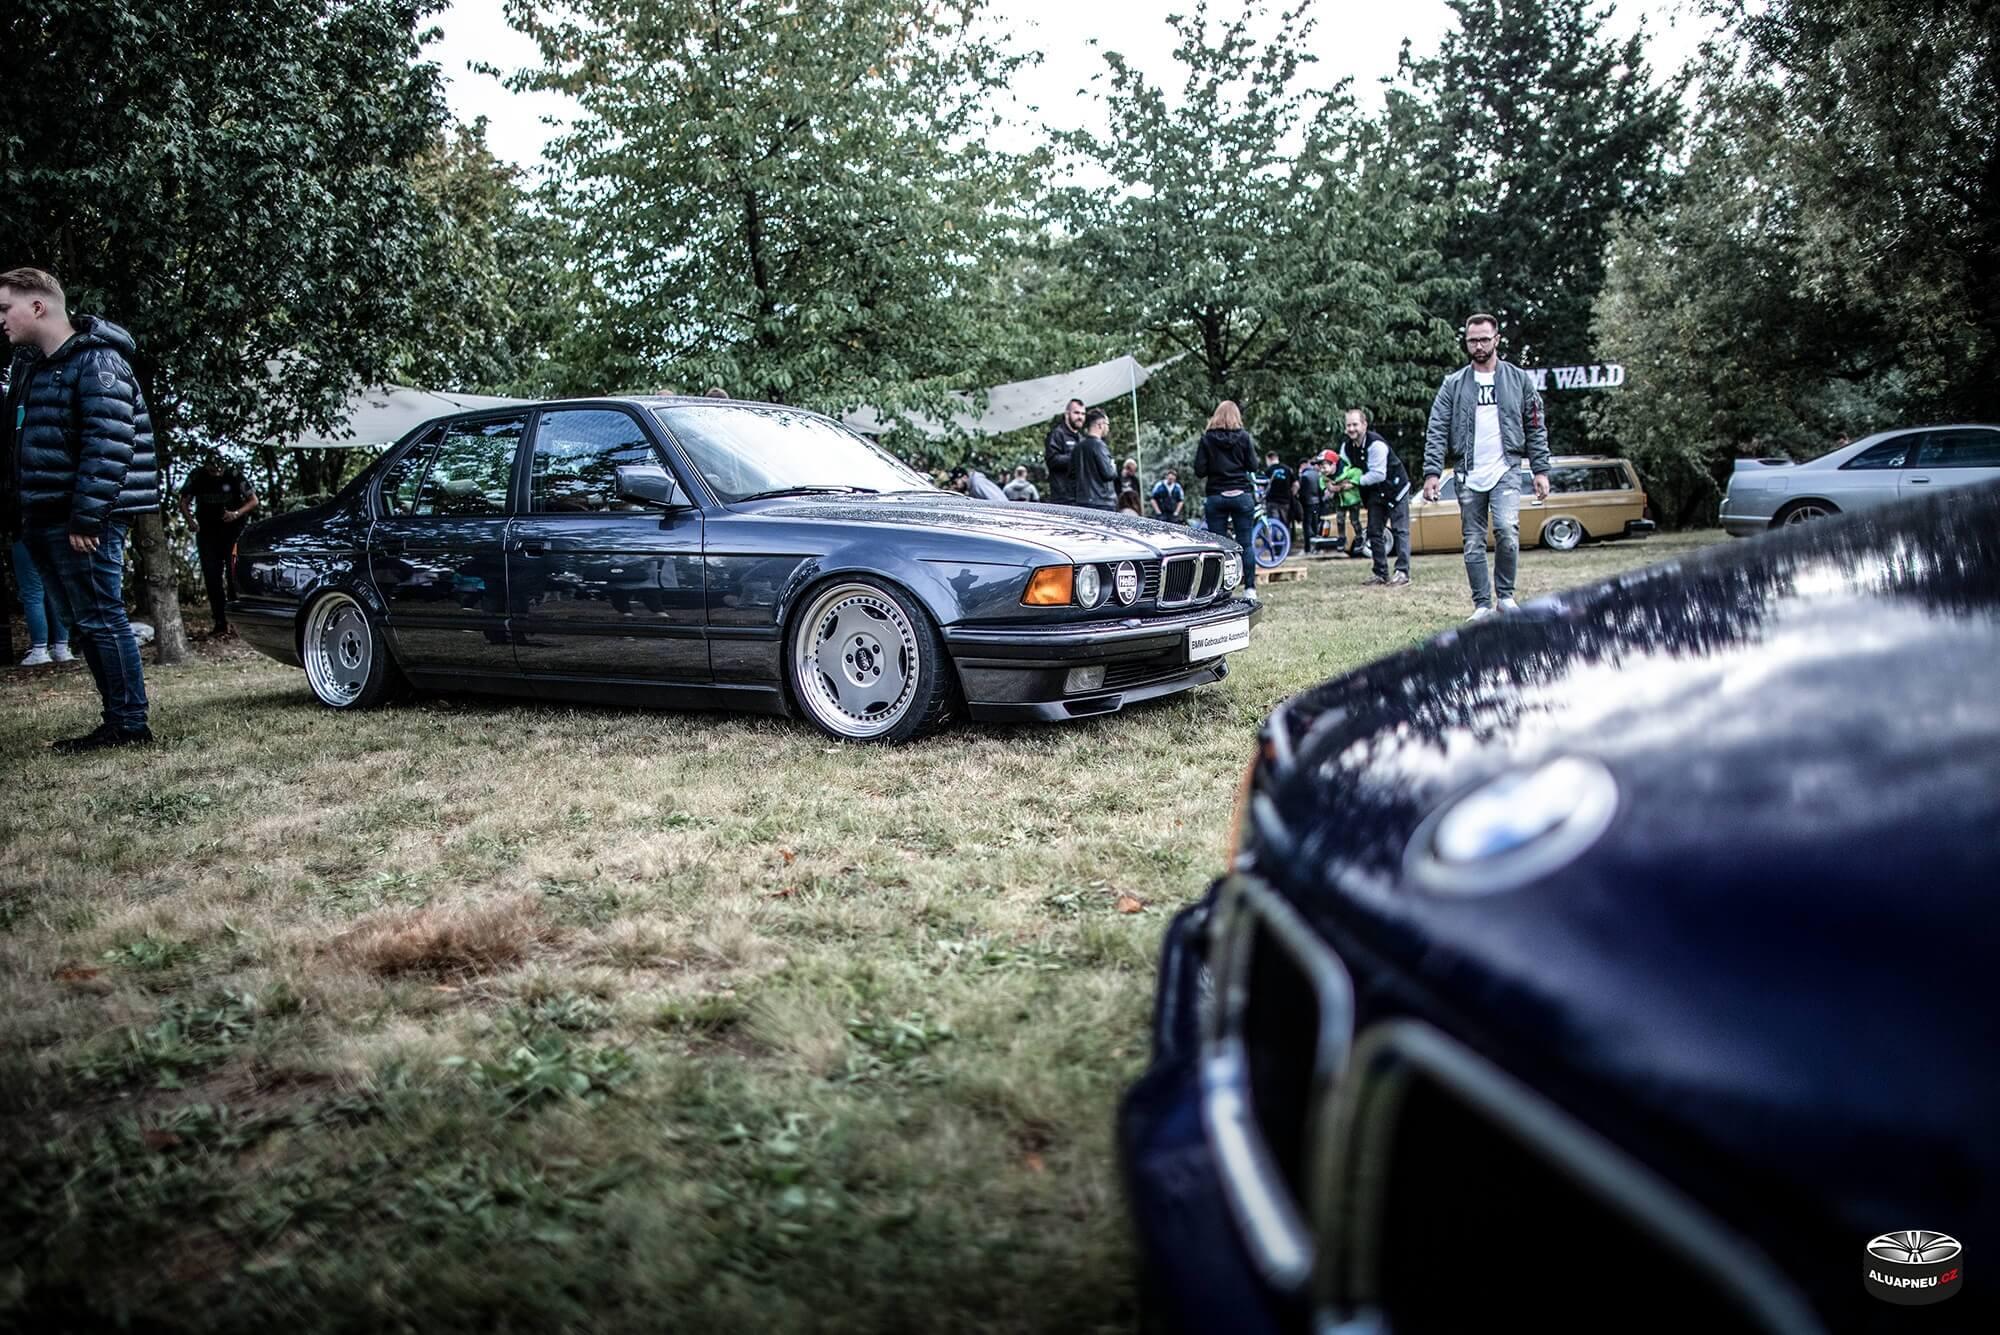 Alu kola s límcem Bmw series 5 e39 - XS Classic Carnight 5.0 - Drážďany tuning sraz 2019 - www.aluapneu.cz